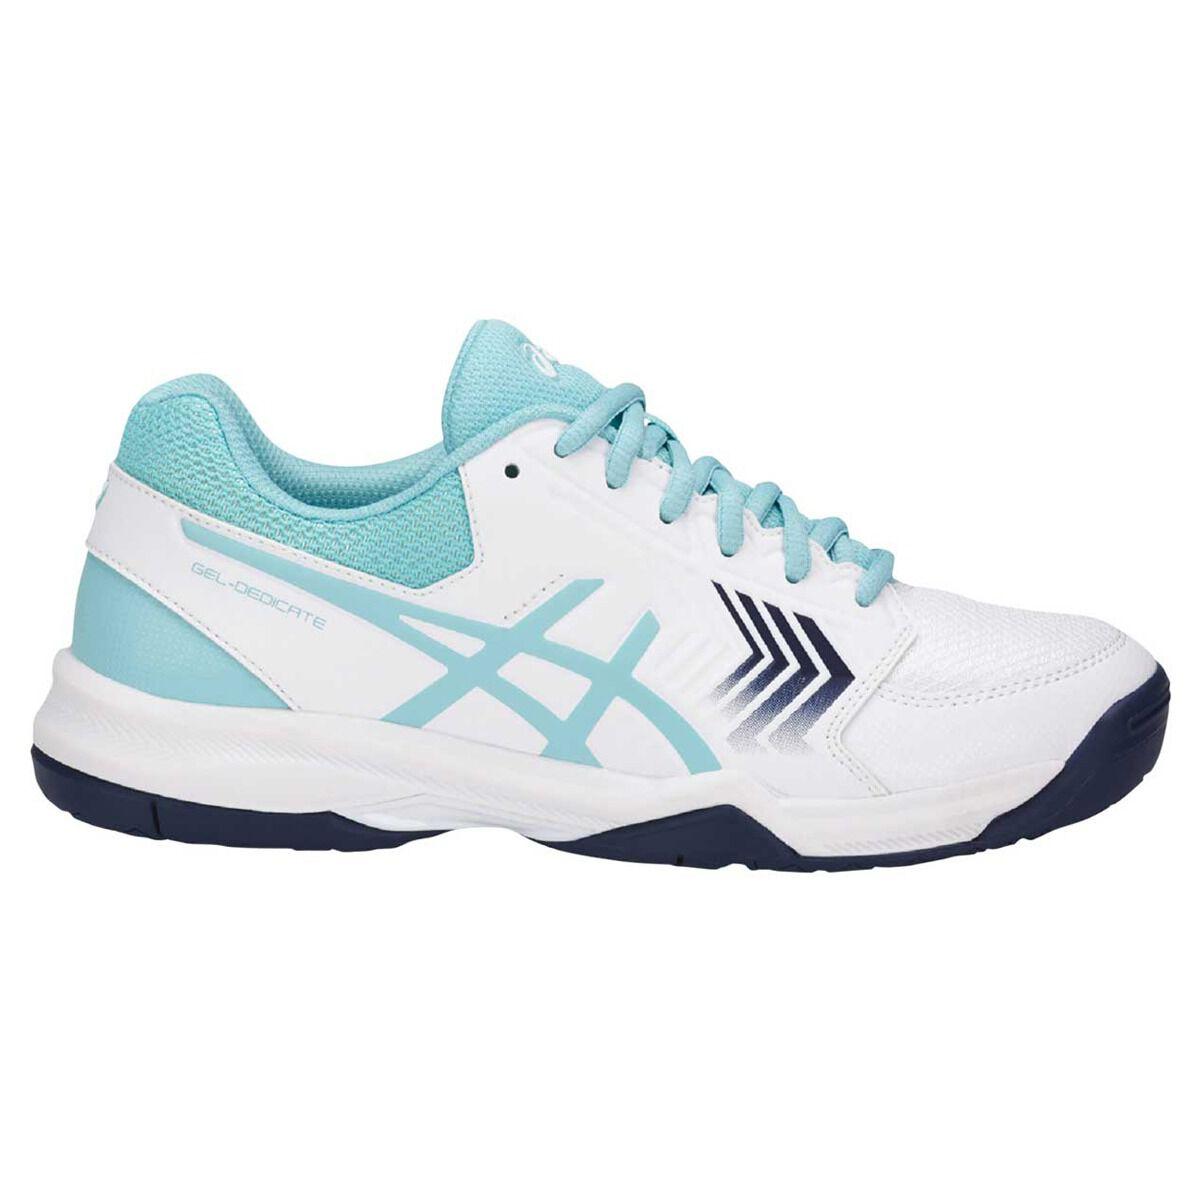 Tennis Dedicate Gel Shoes Womens Asics Hardcourt 5 OXuPZikT